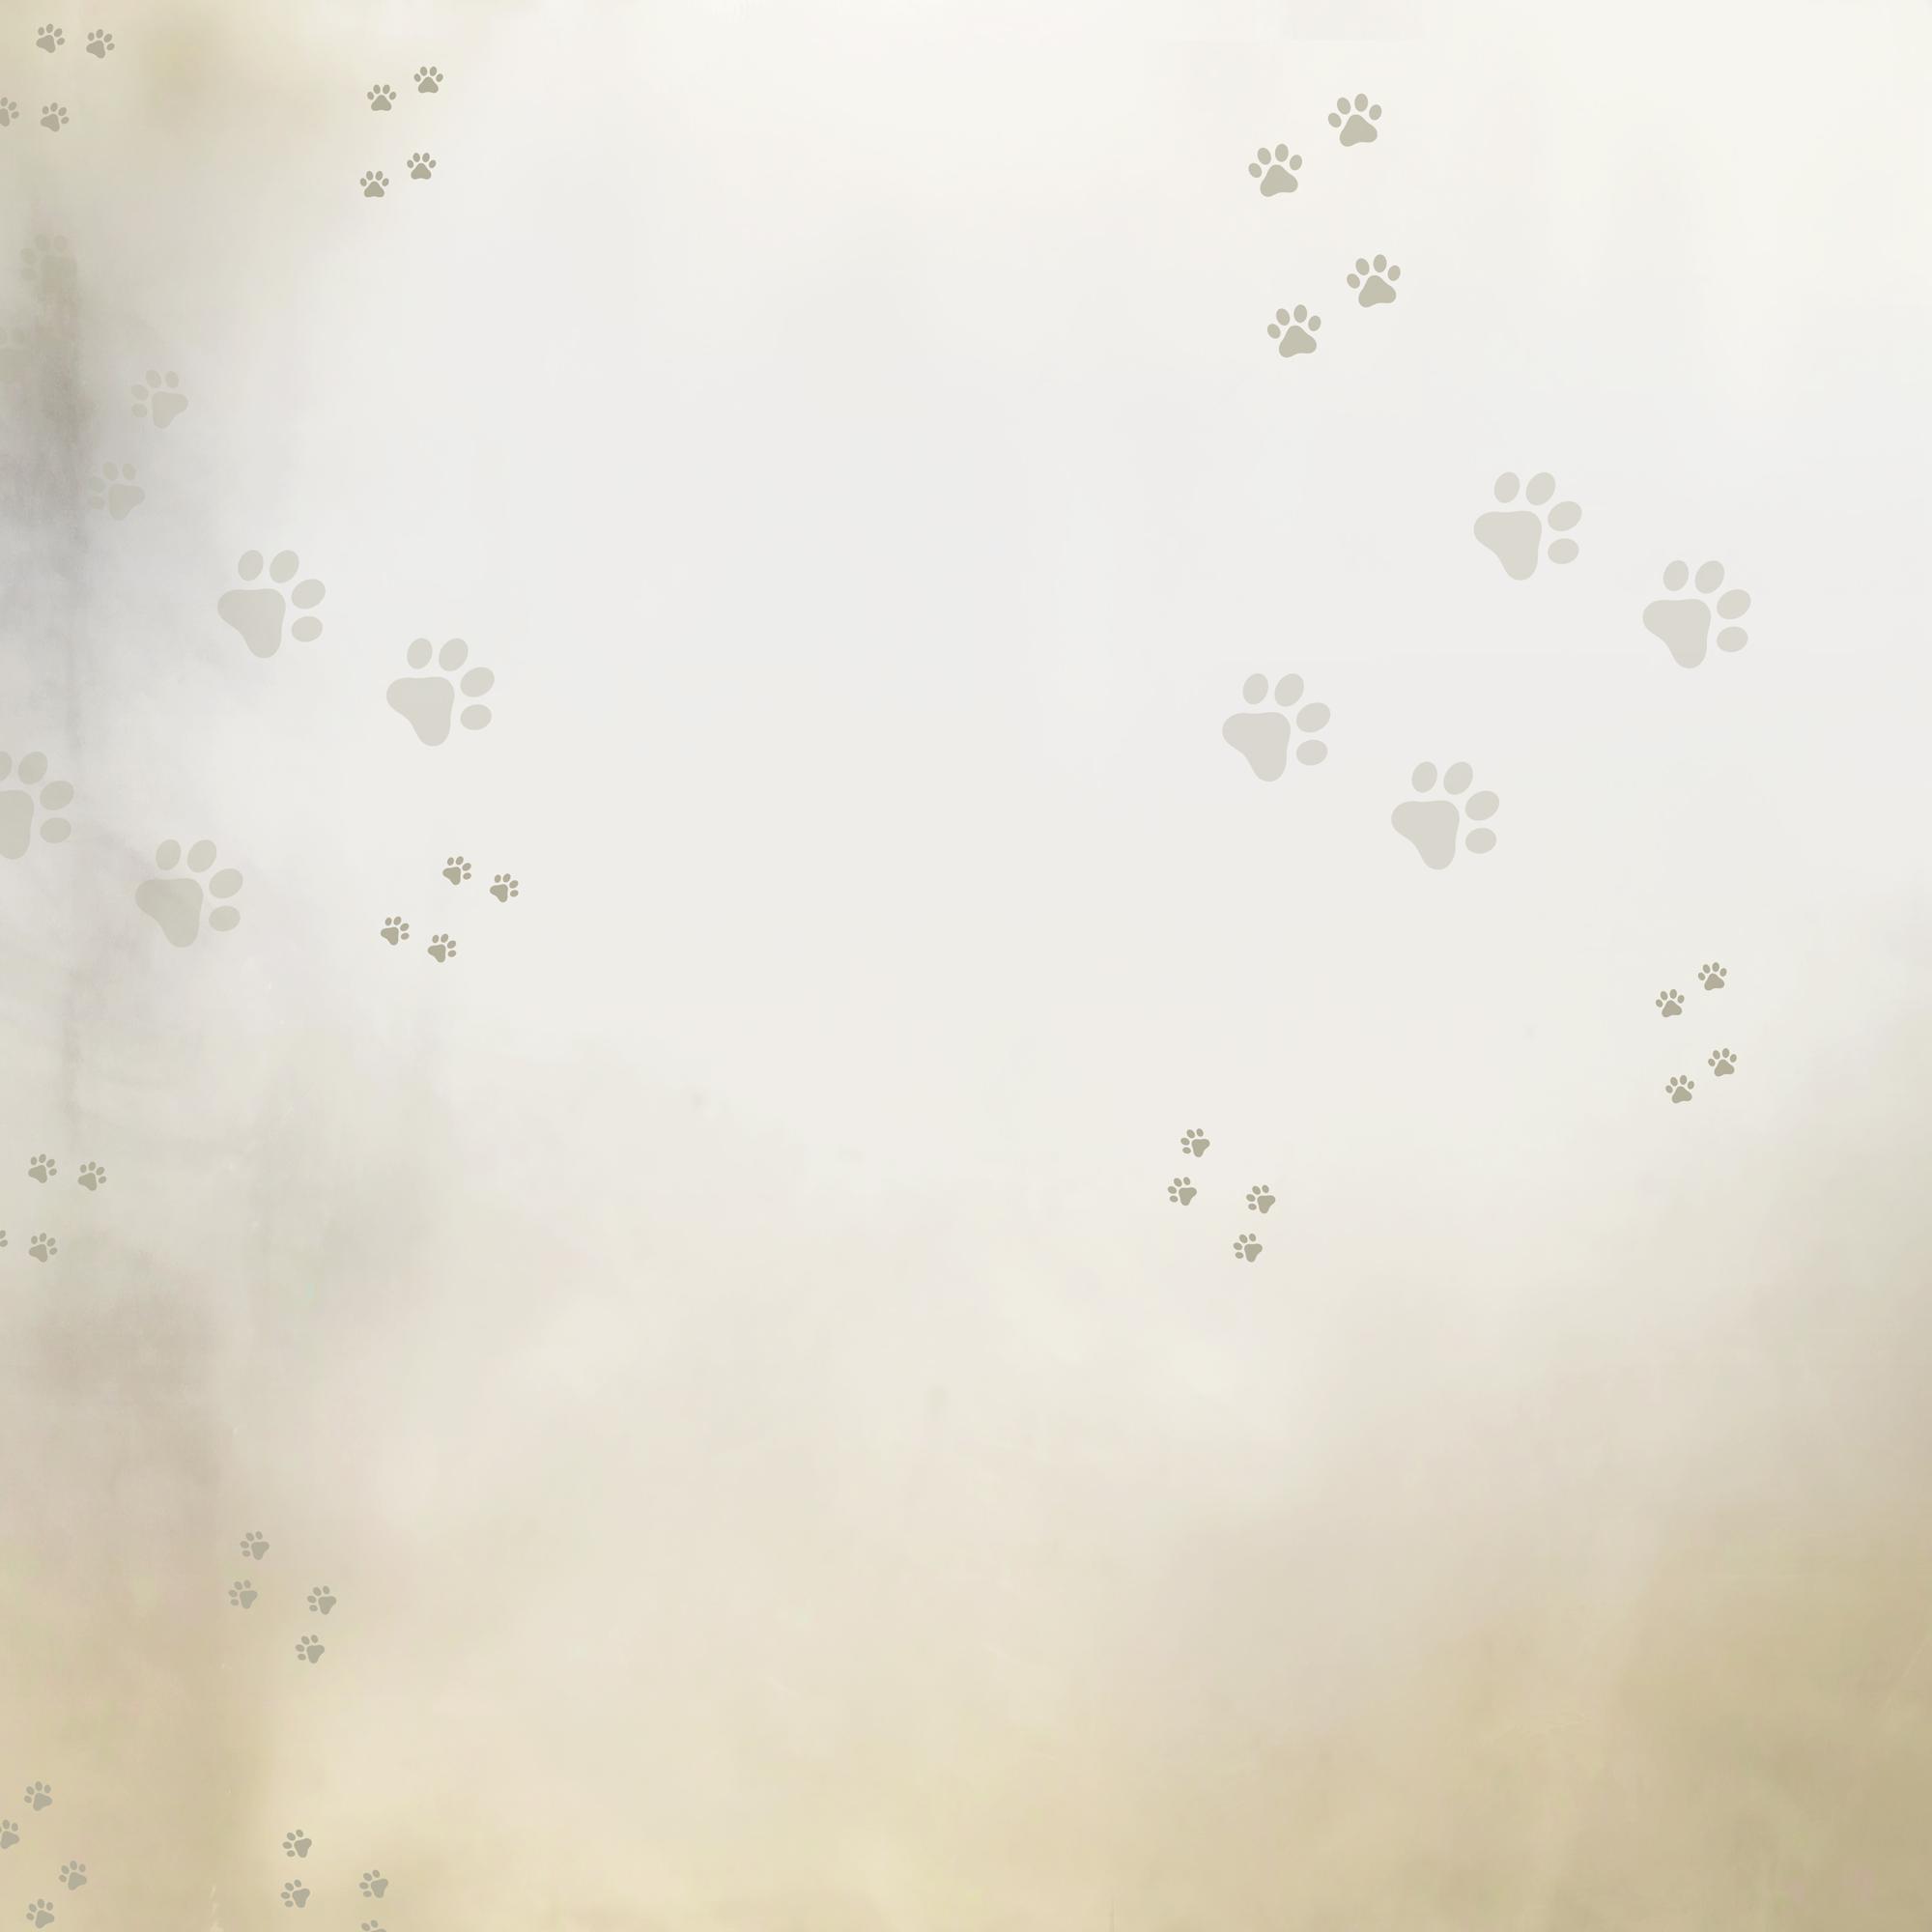 bg_catterymerenga01